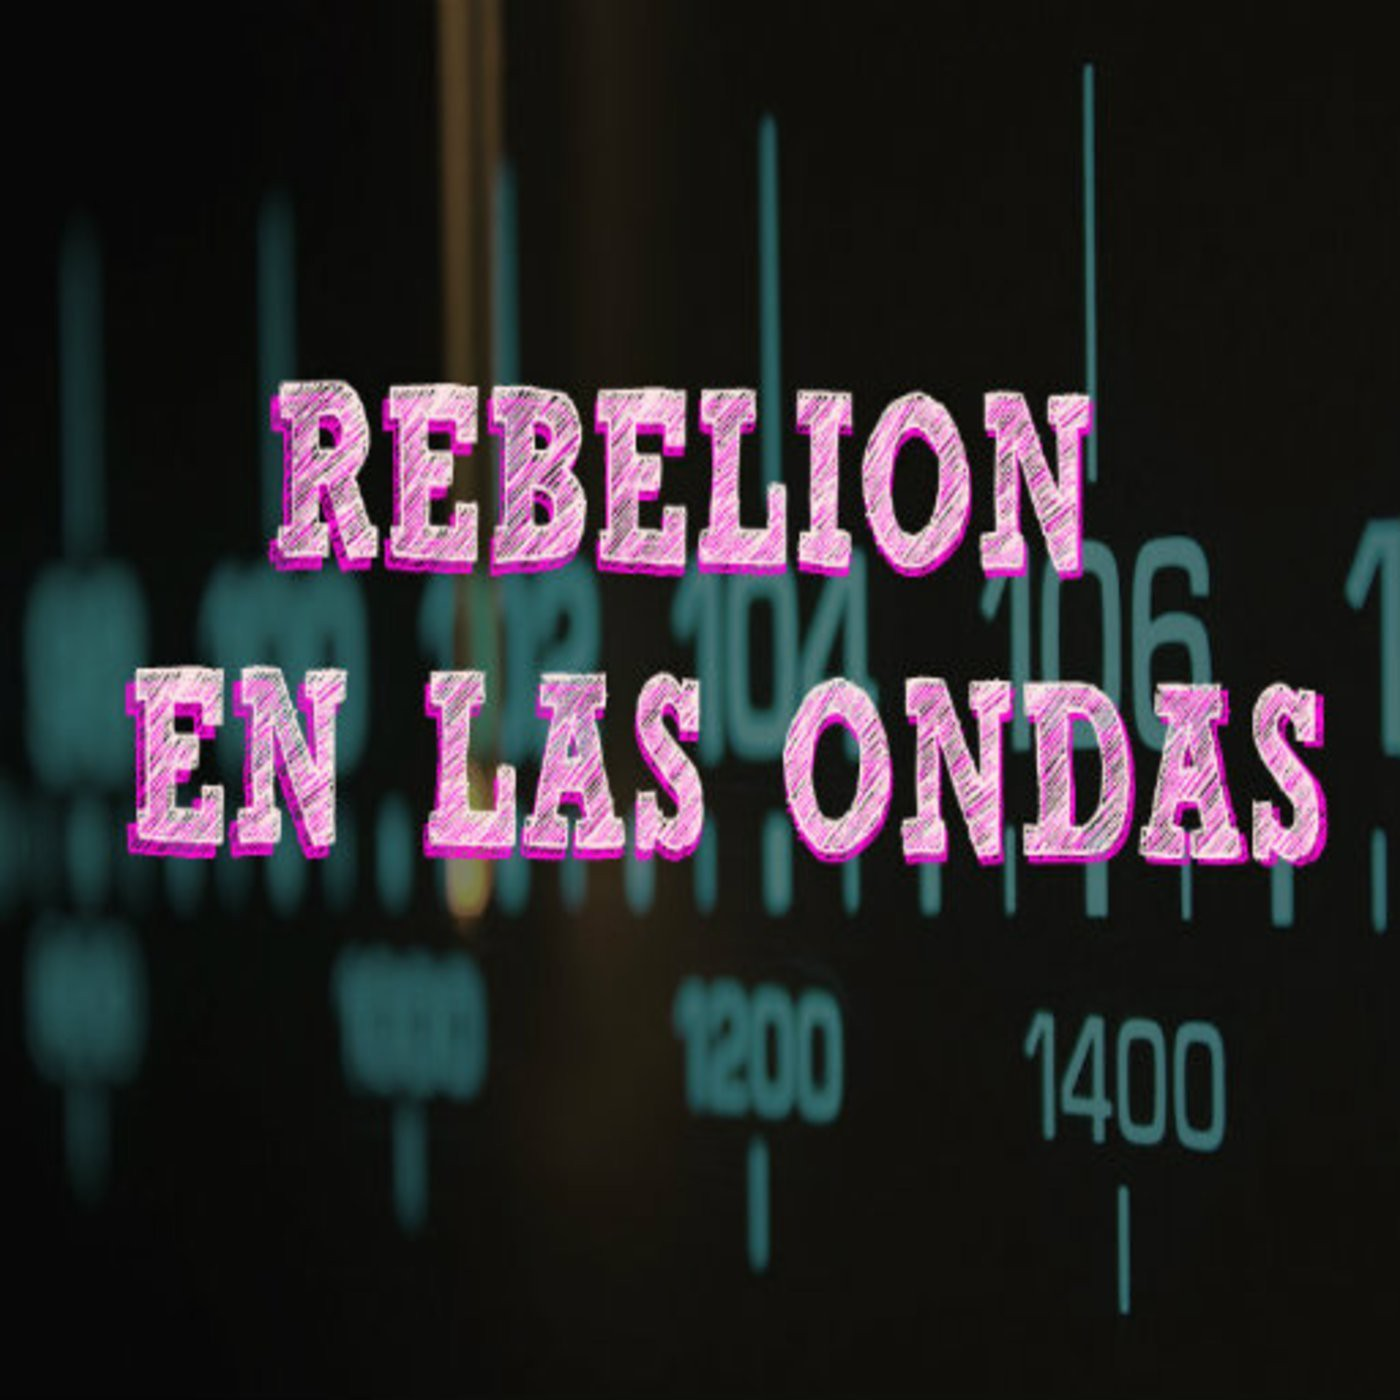 <![CDATA[rebelion en las ondas]]>